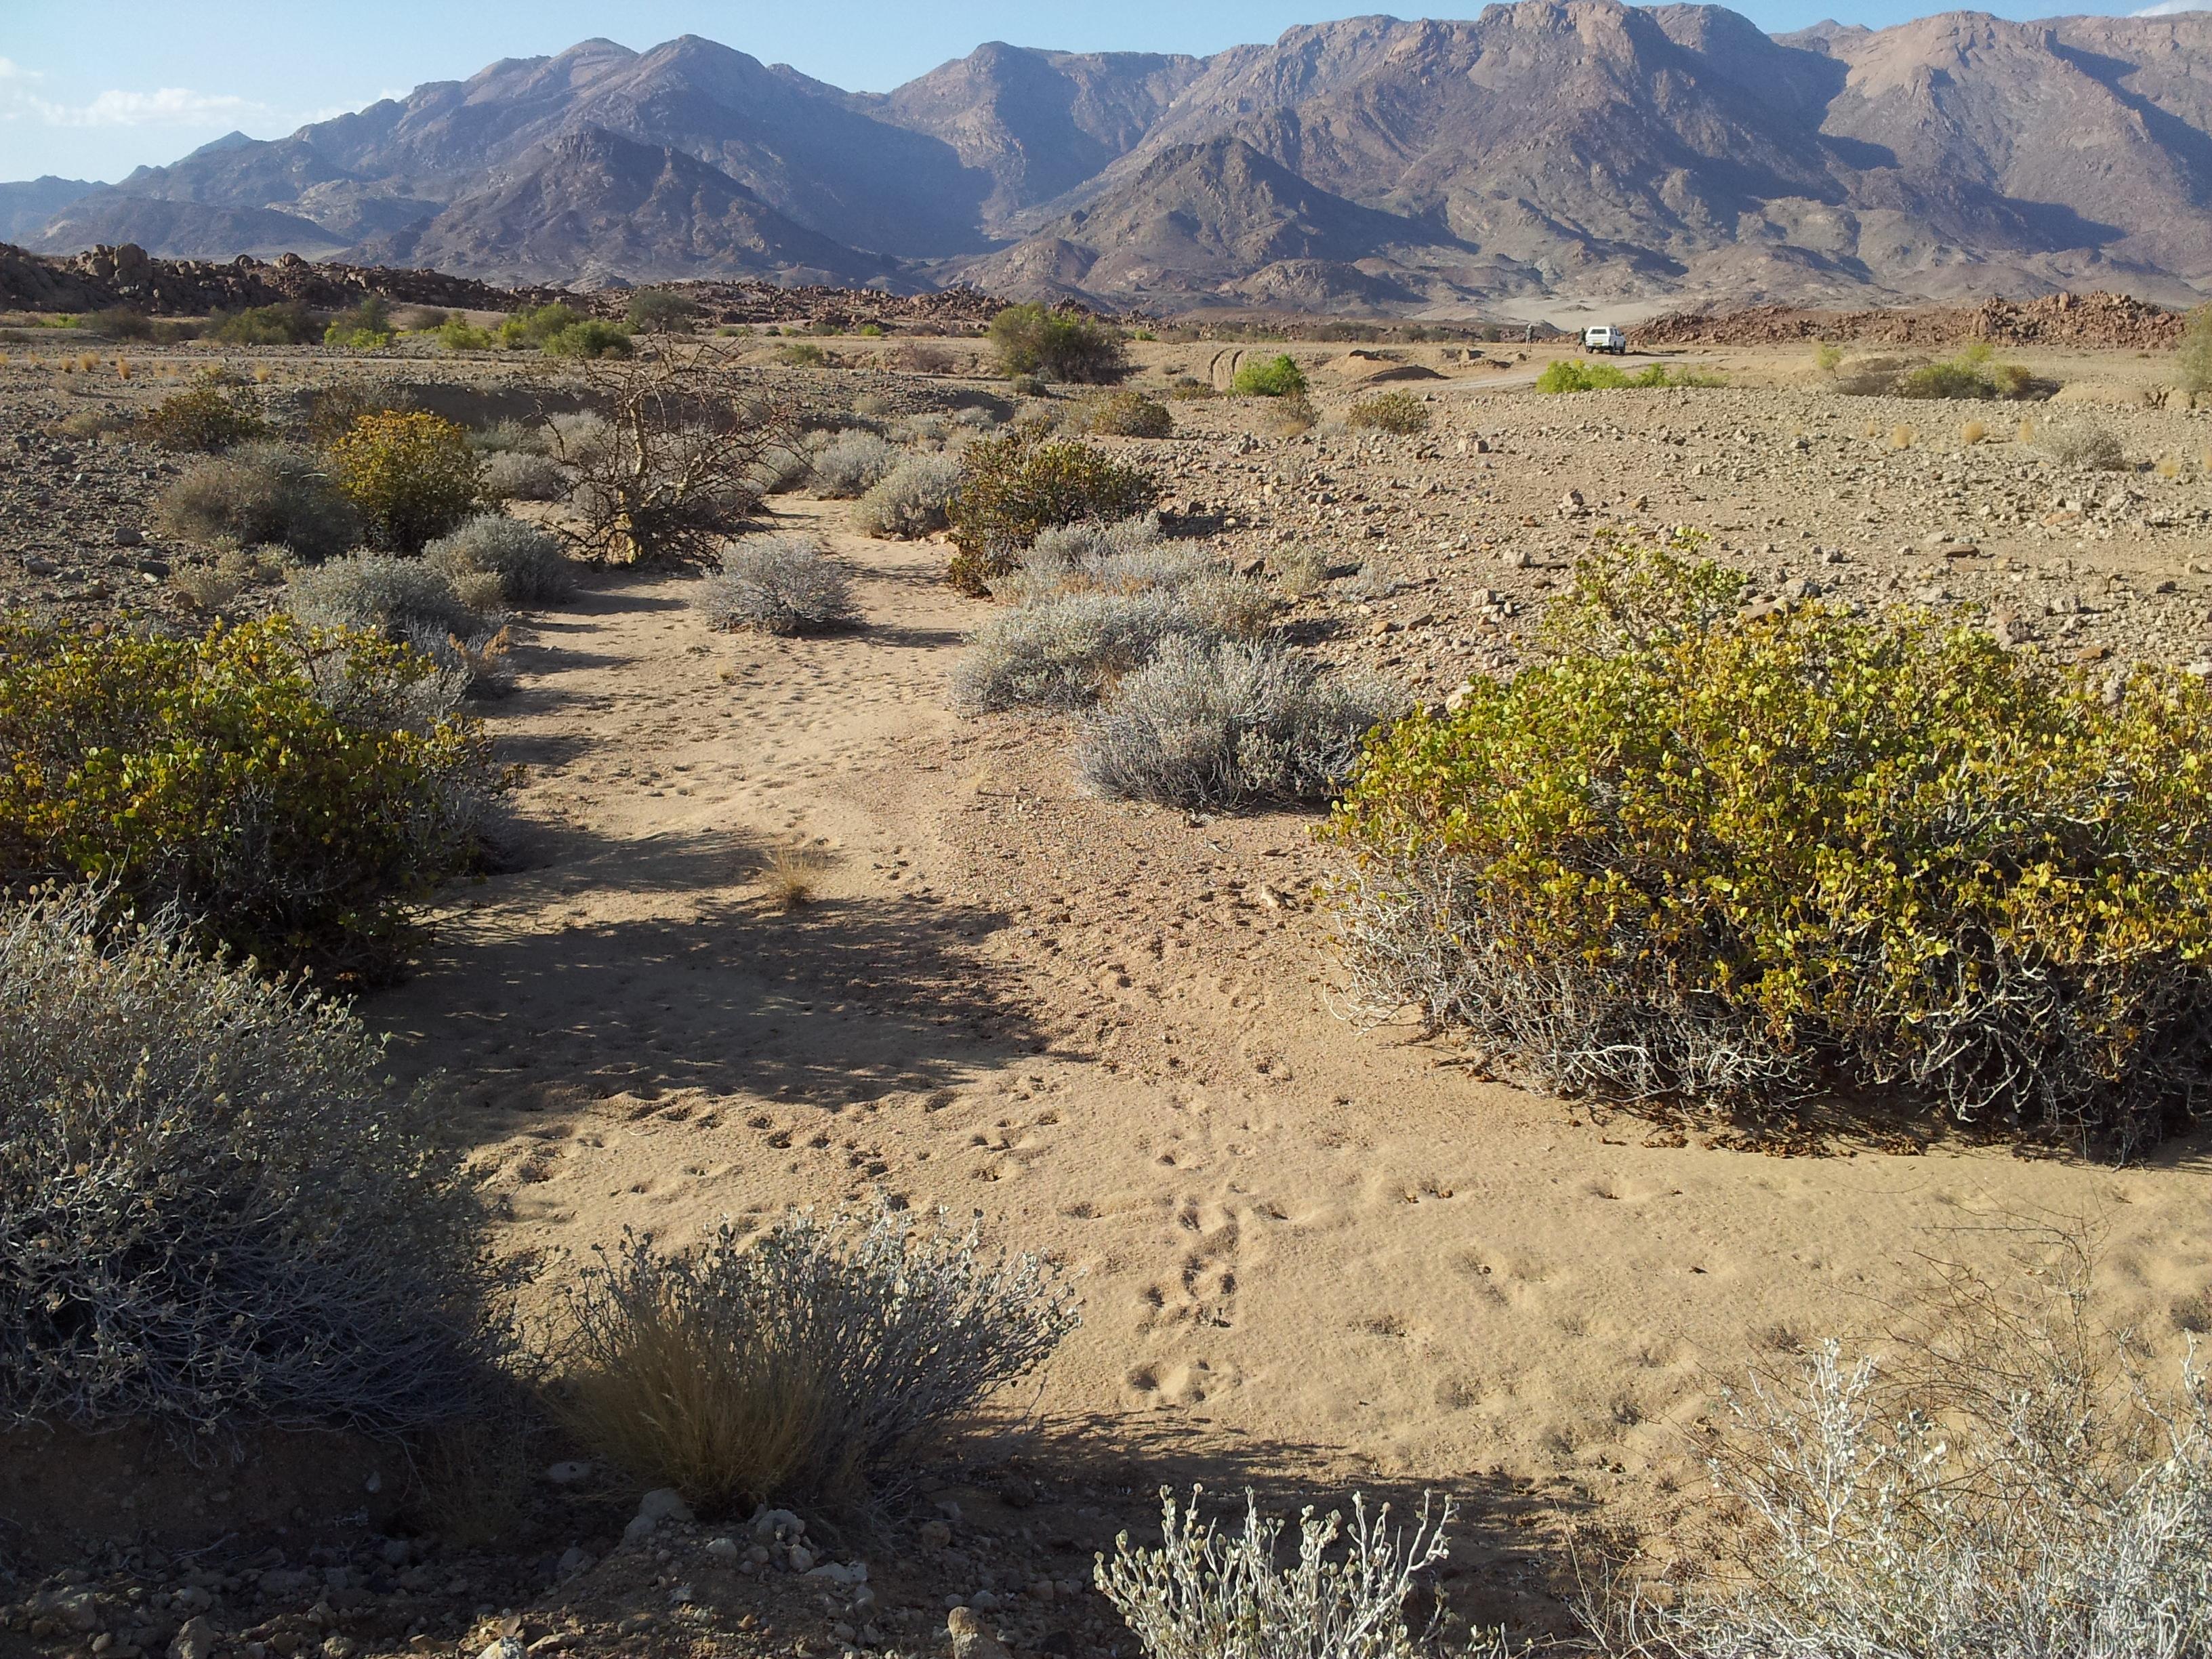 Afluente Rio Ugab, Namibia (Marcos Moleon)